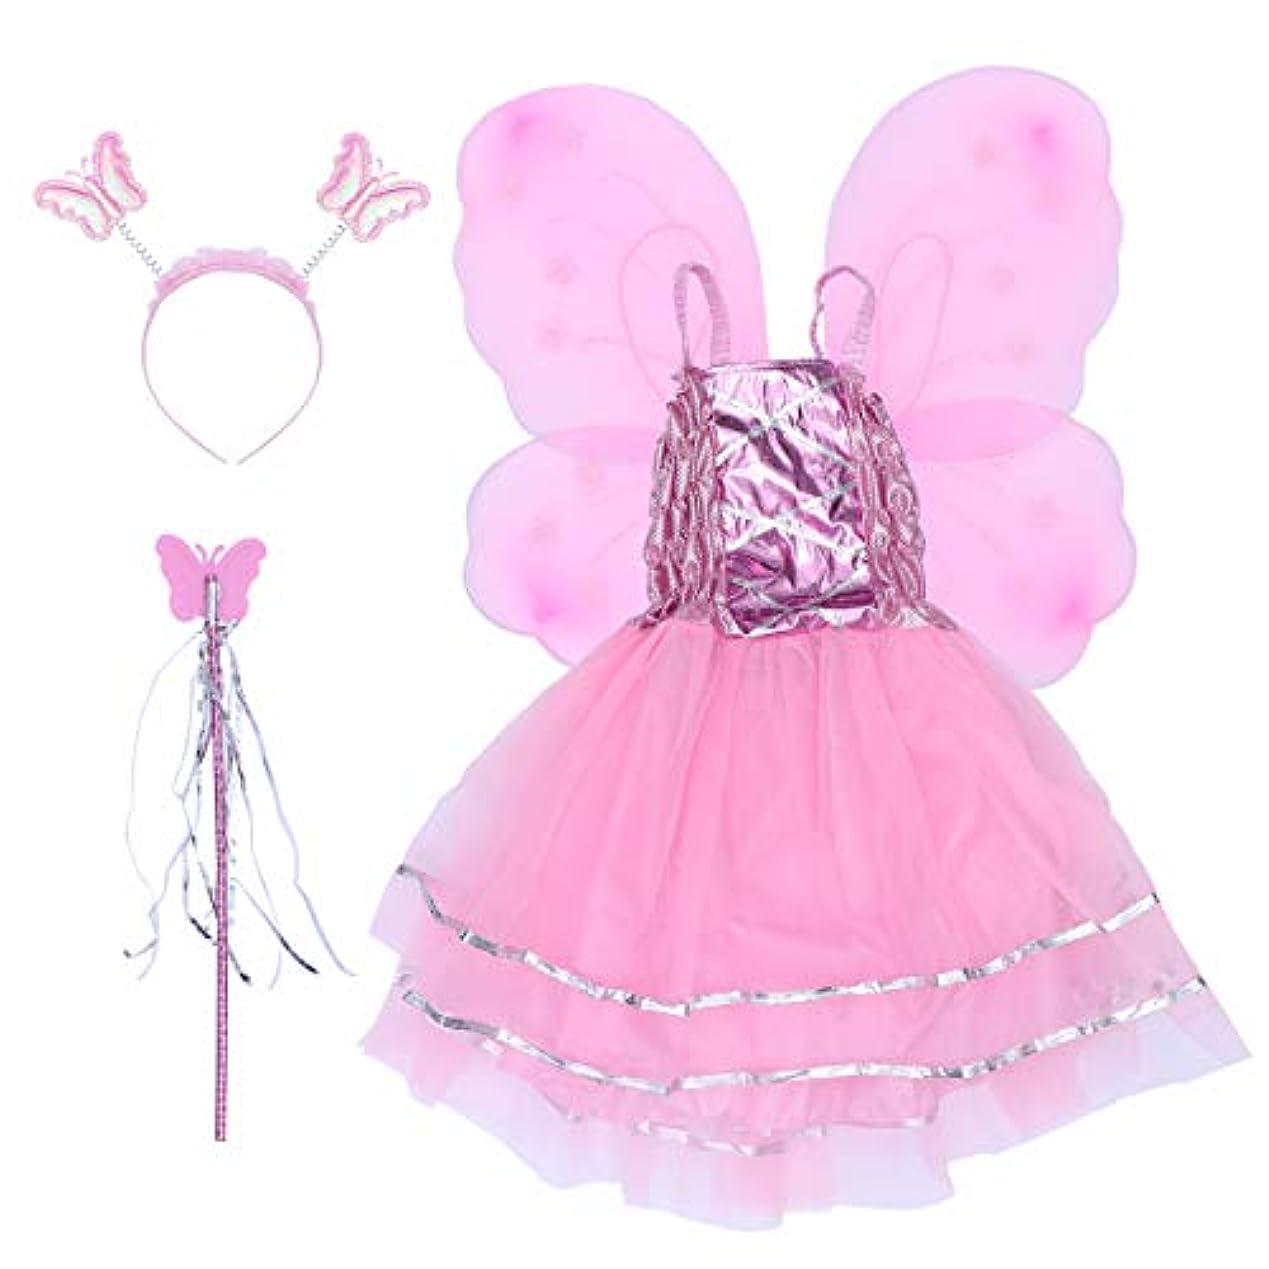 隔離するフライカイトアソシエイトBESTOYARD 4本の女の子バタフライプリンセス妖精のコスチュームセットバタフライウィング、ワンド、ヘッドバンドとツツードレス(ピンク)